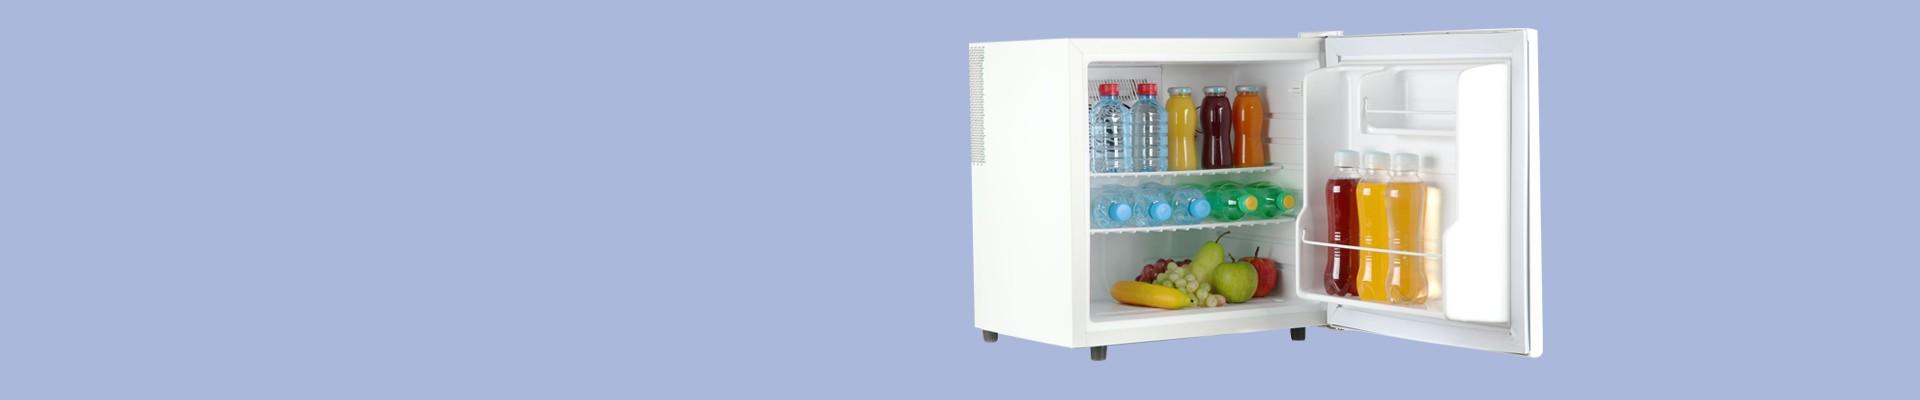 Jual Kulkas Ragam Pintu - Cooler Box Harga Terbaik